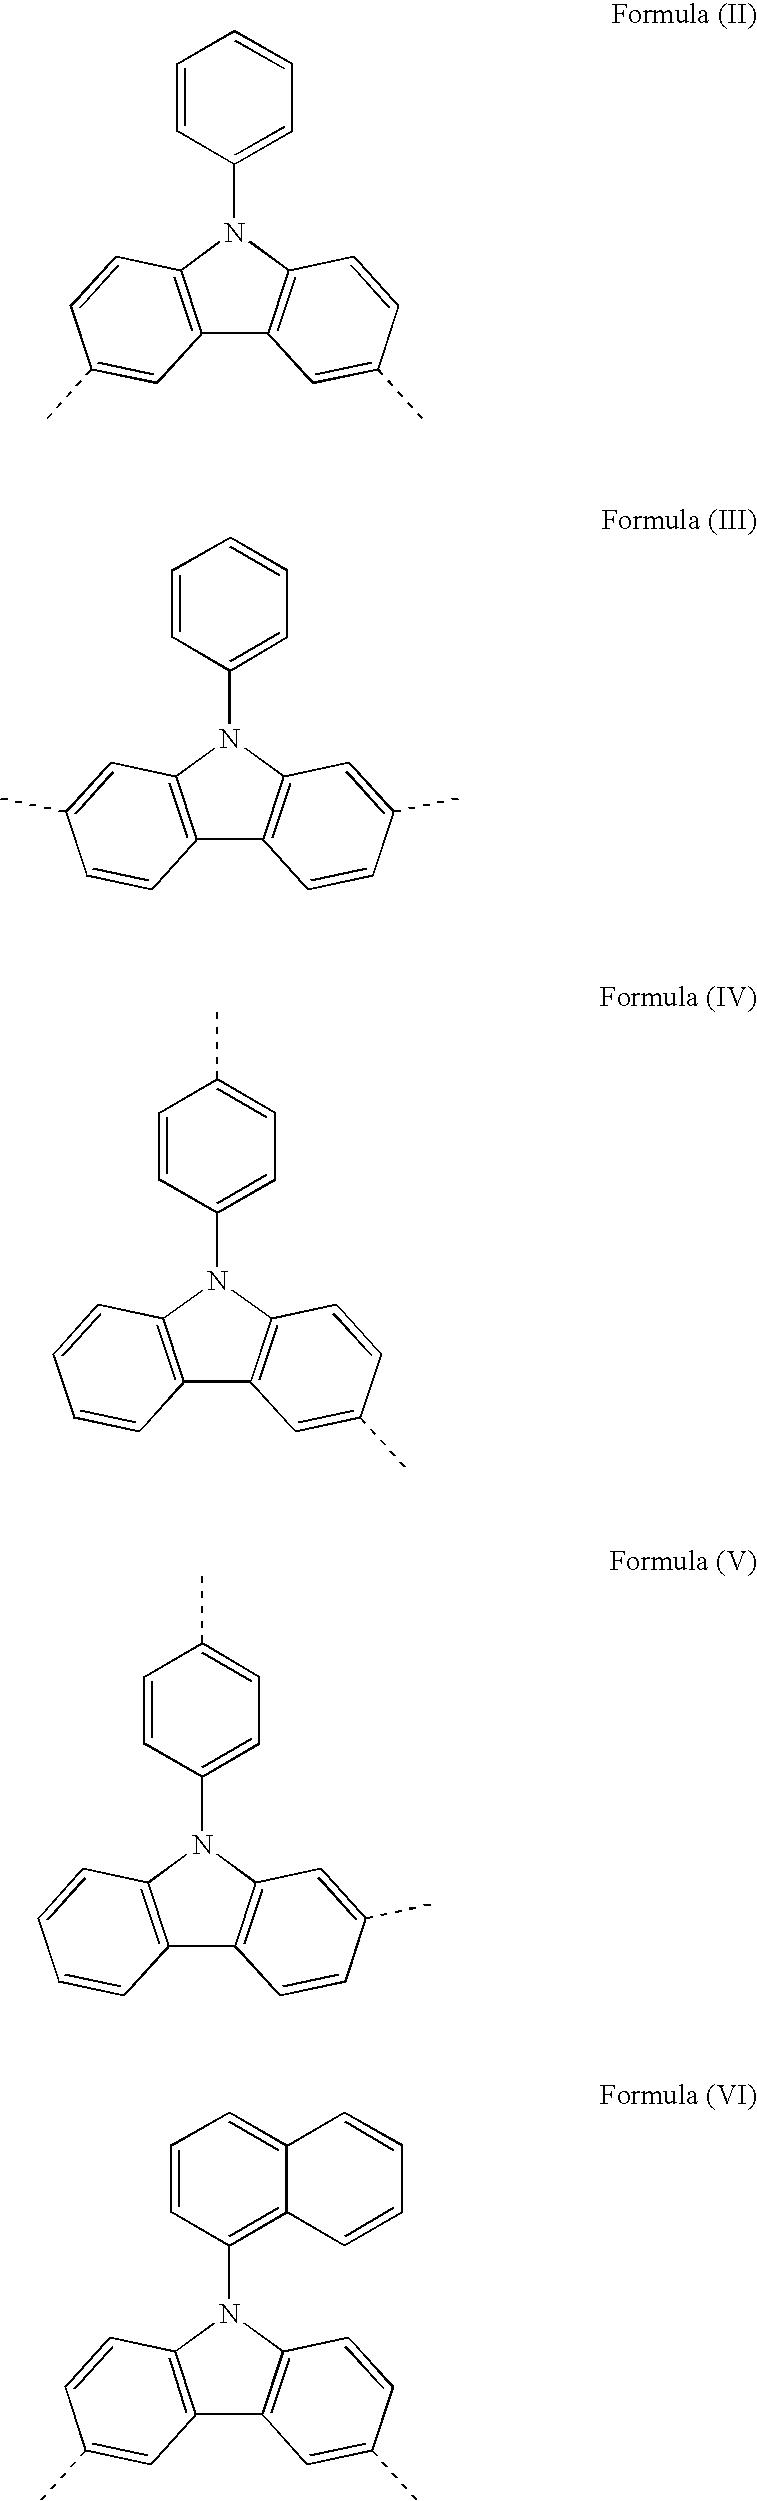 Figure US20060149022A1-20060706-C00026